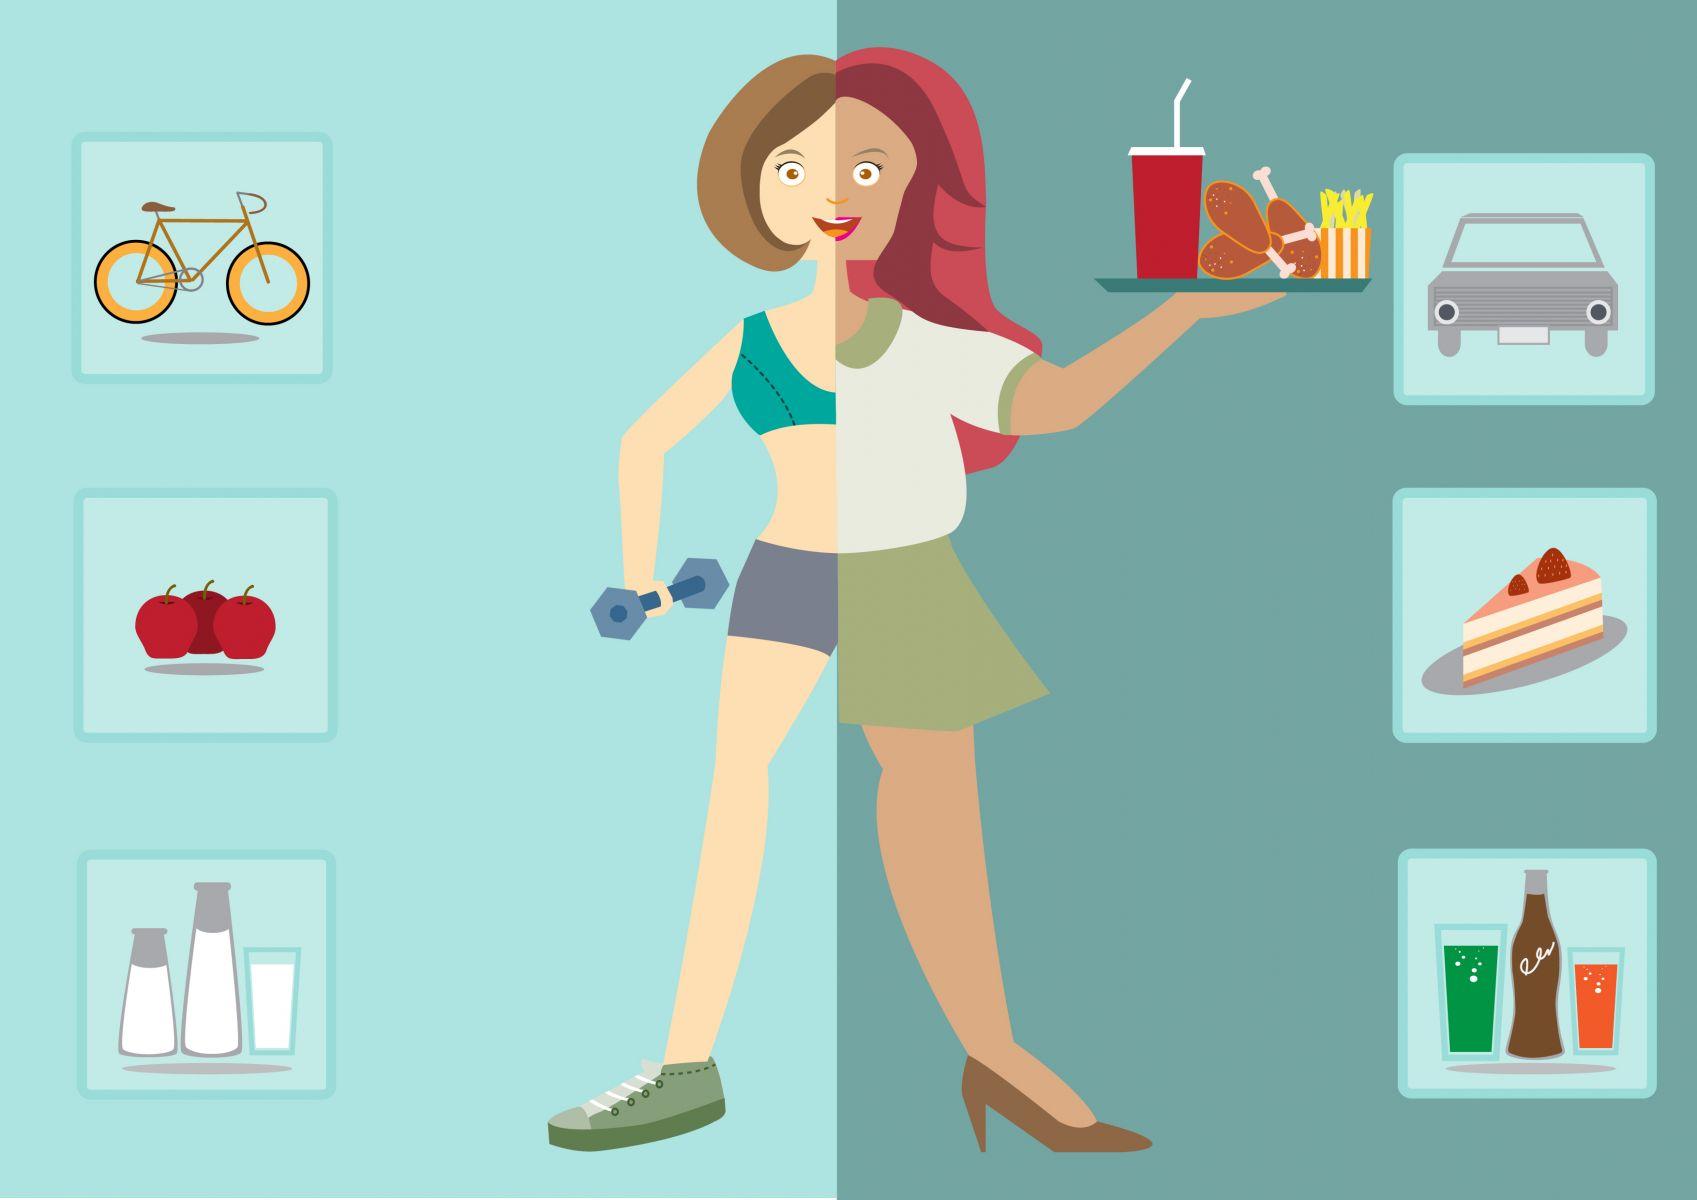 減肥選「低醣」或「低脂」?營養師:掌握1關鍵,減重效果看得見